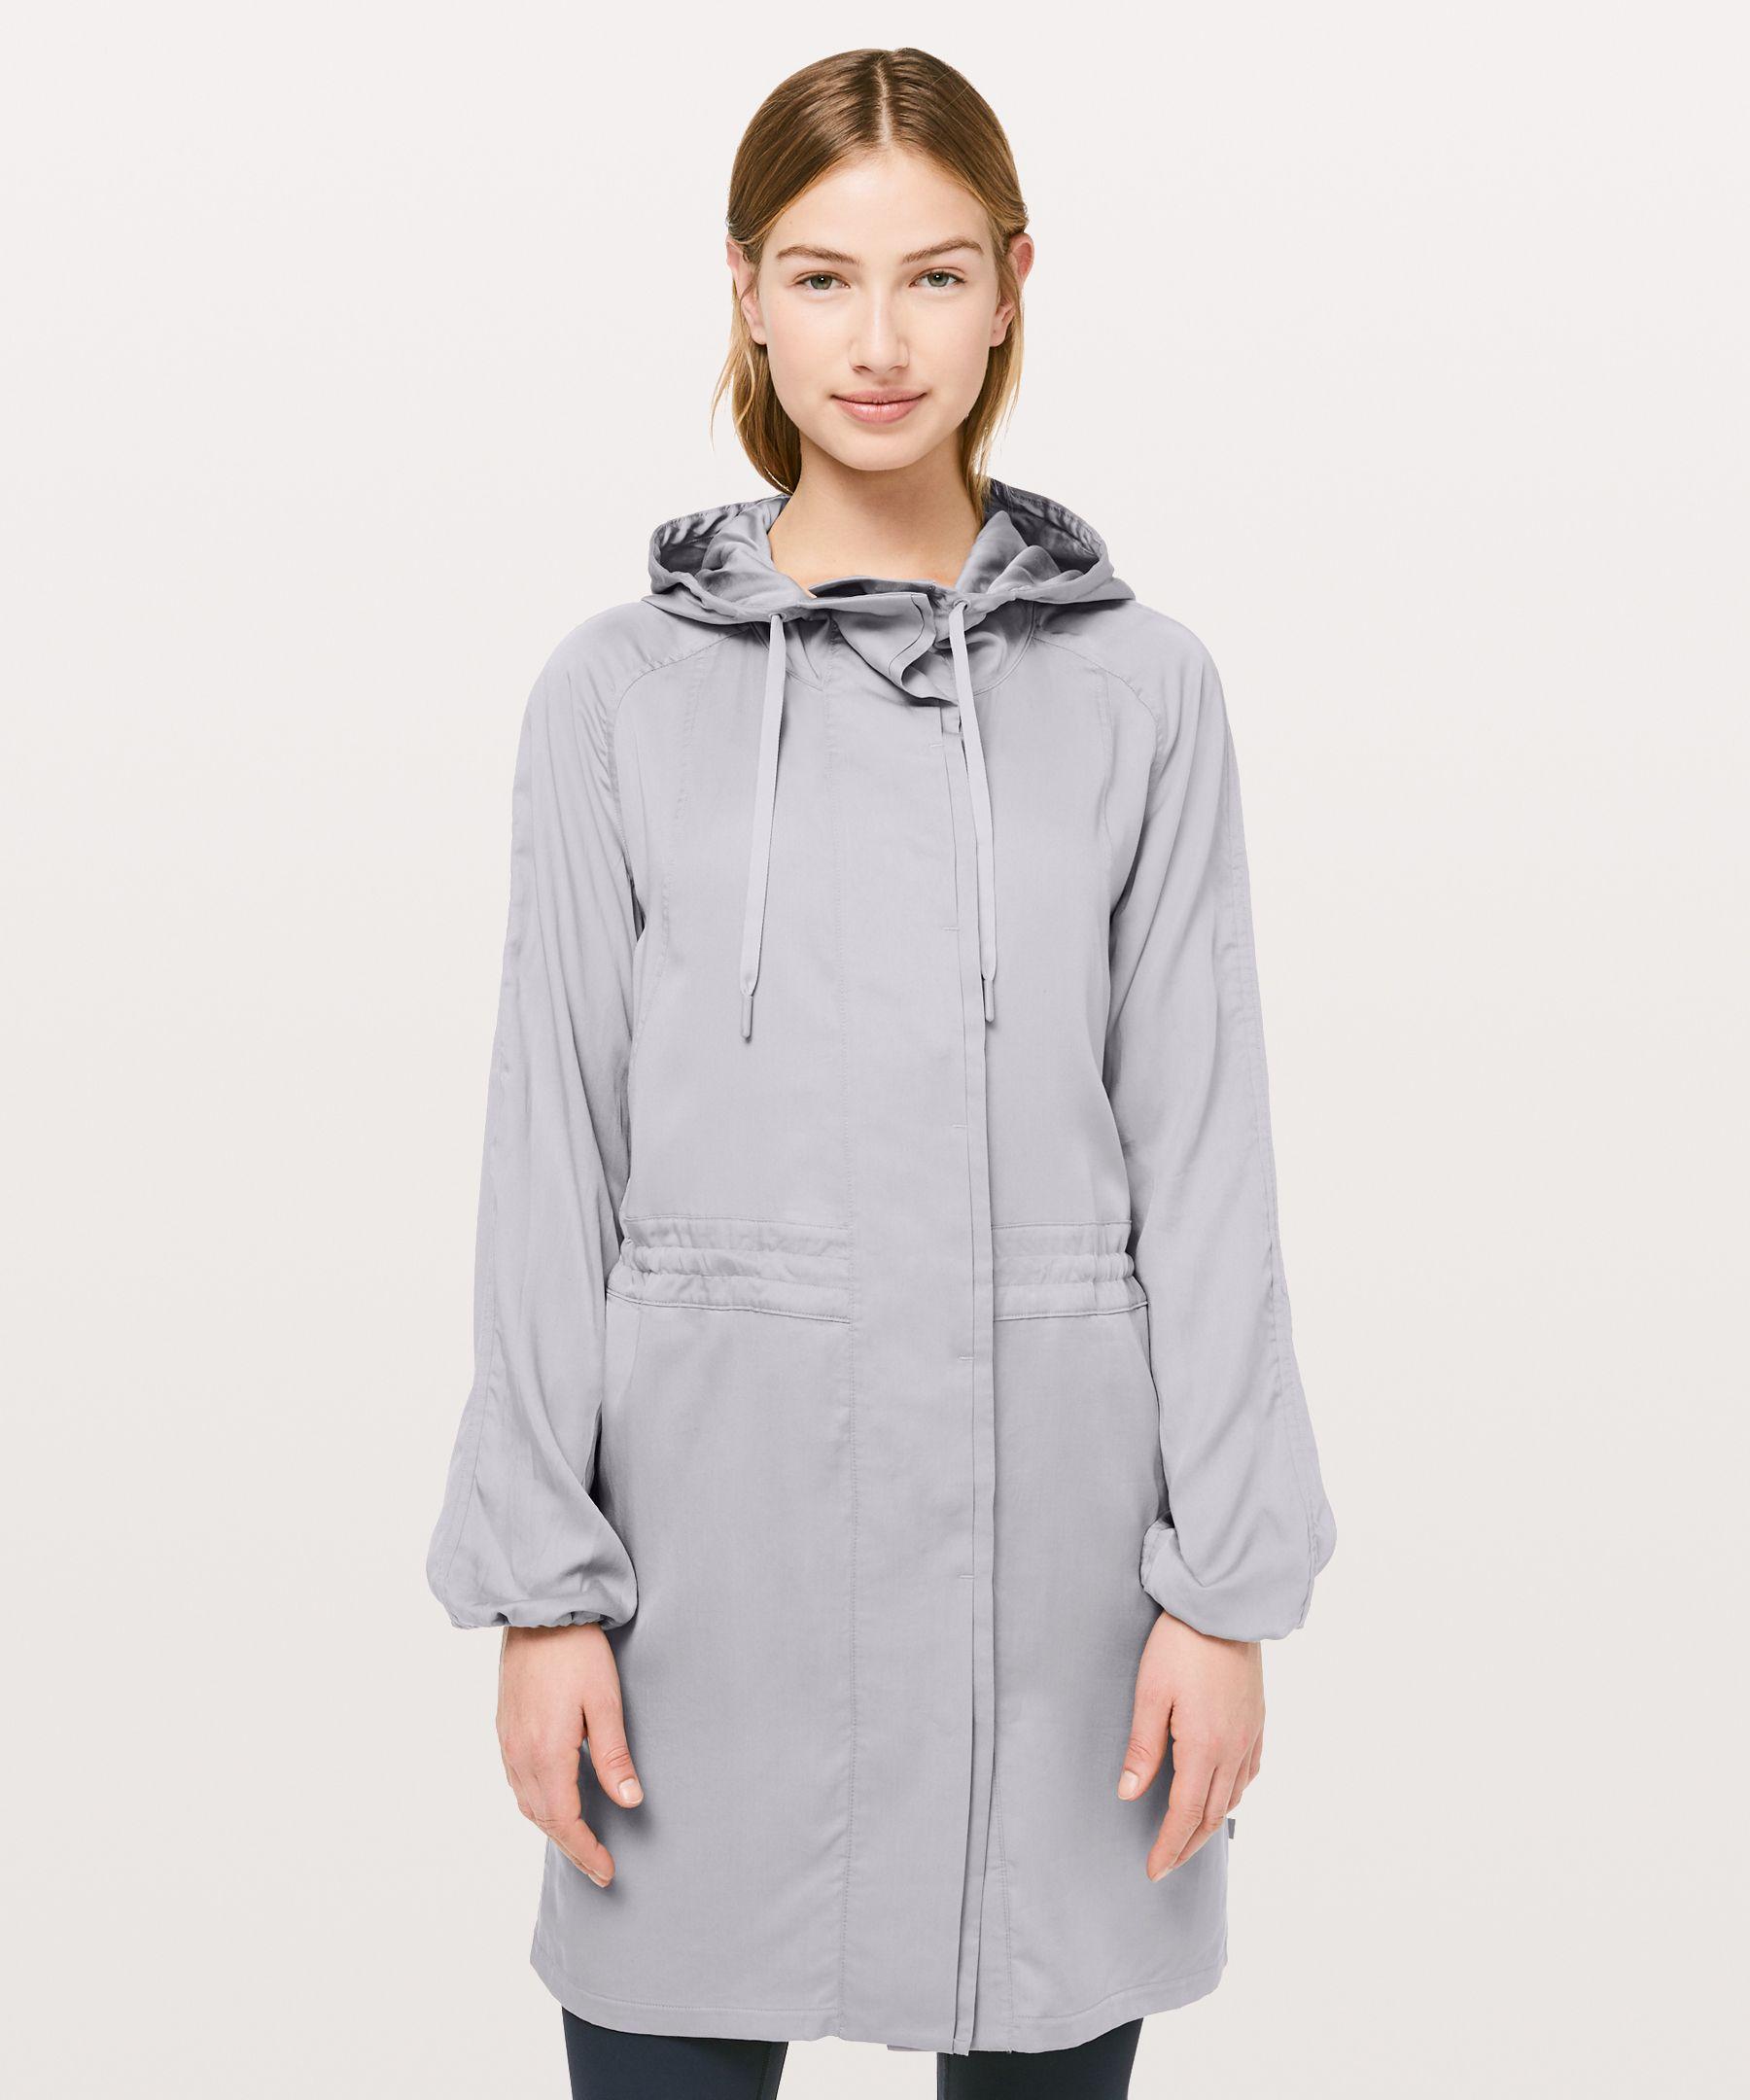 Lululemon City Stroll Jacket In Silverscreen